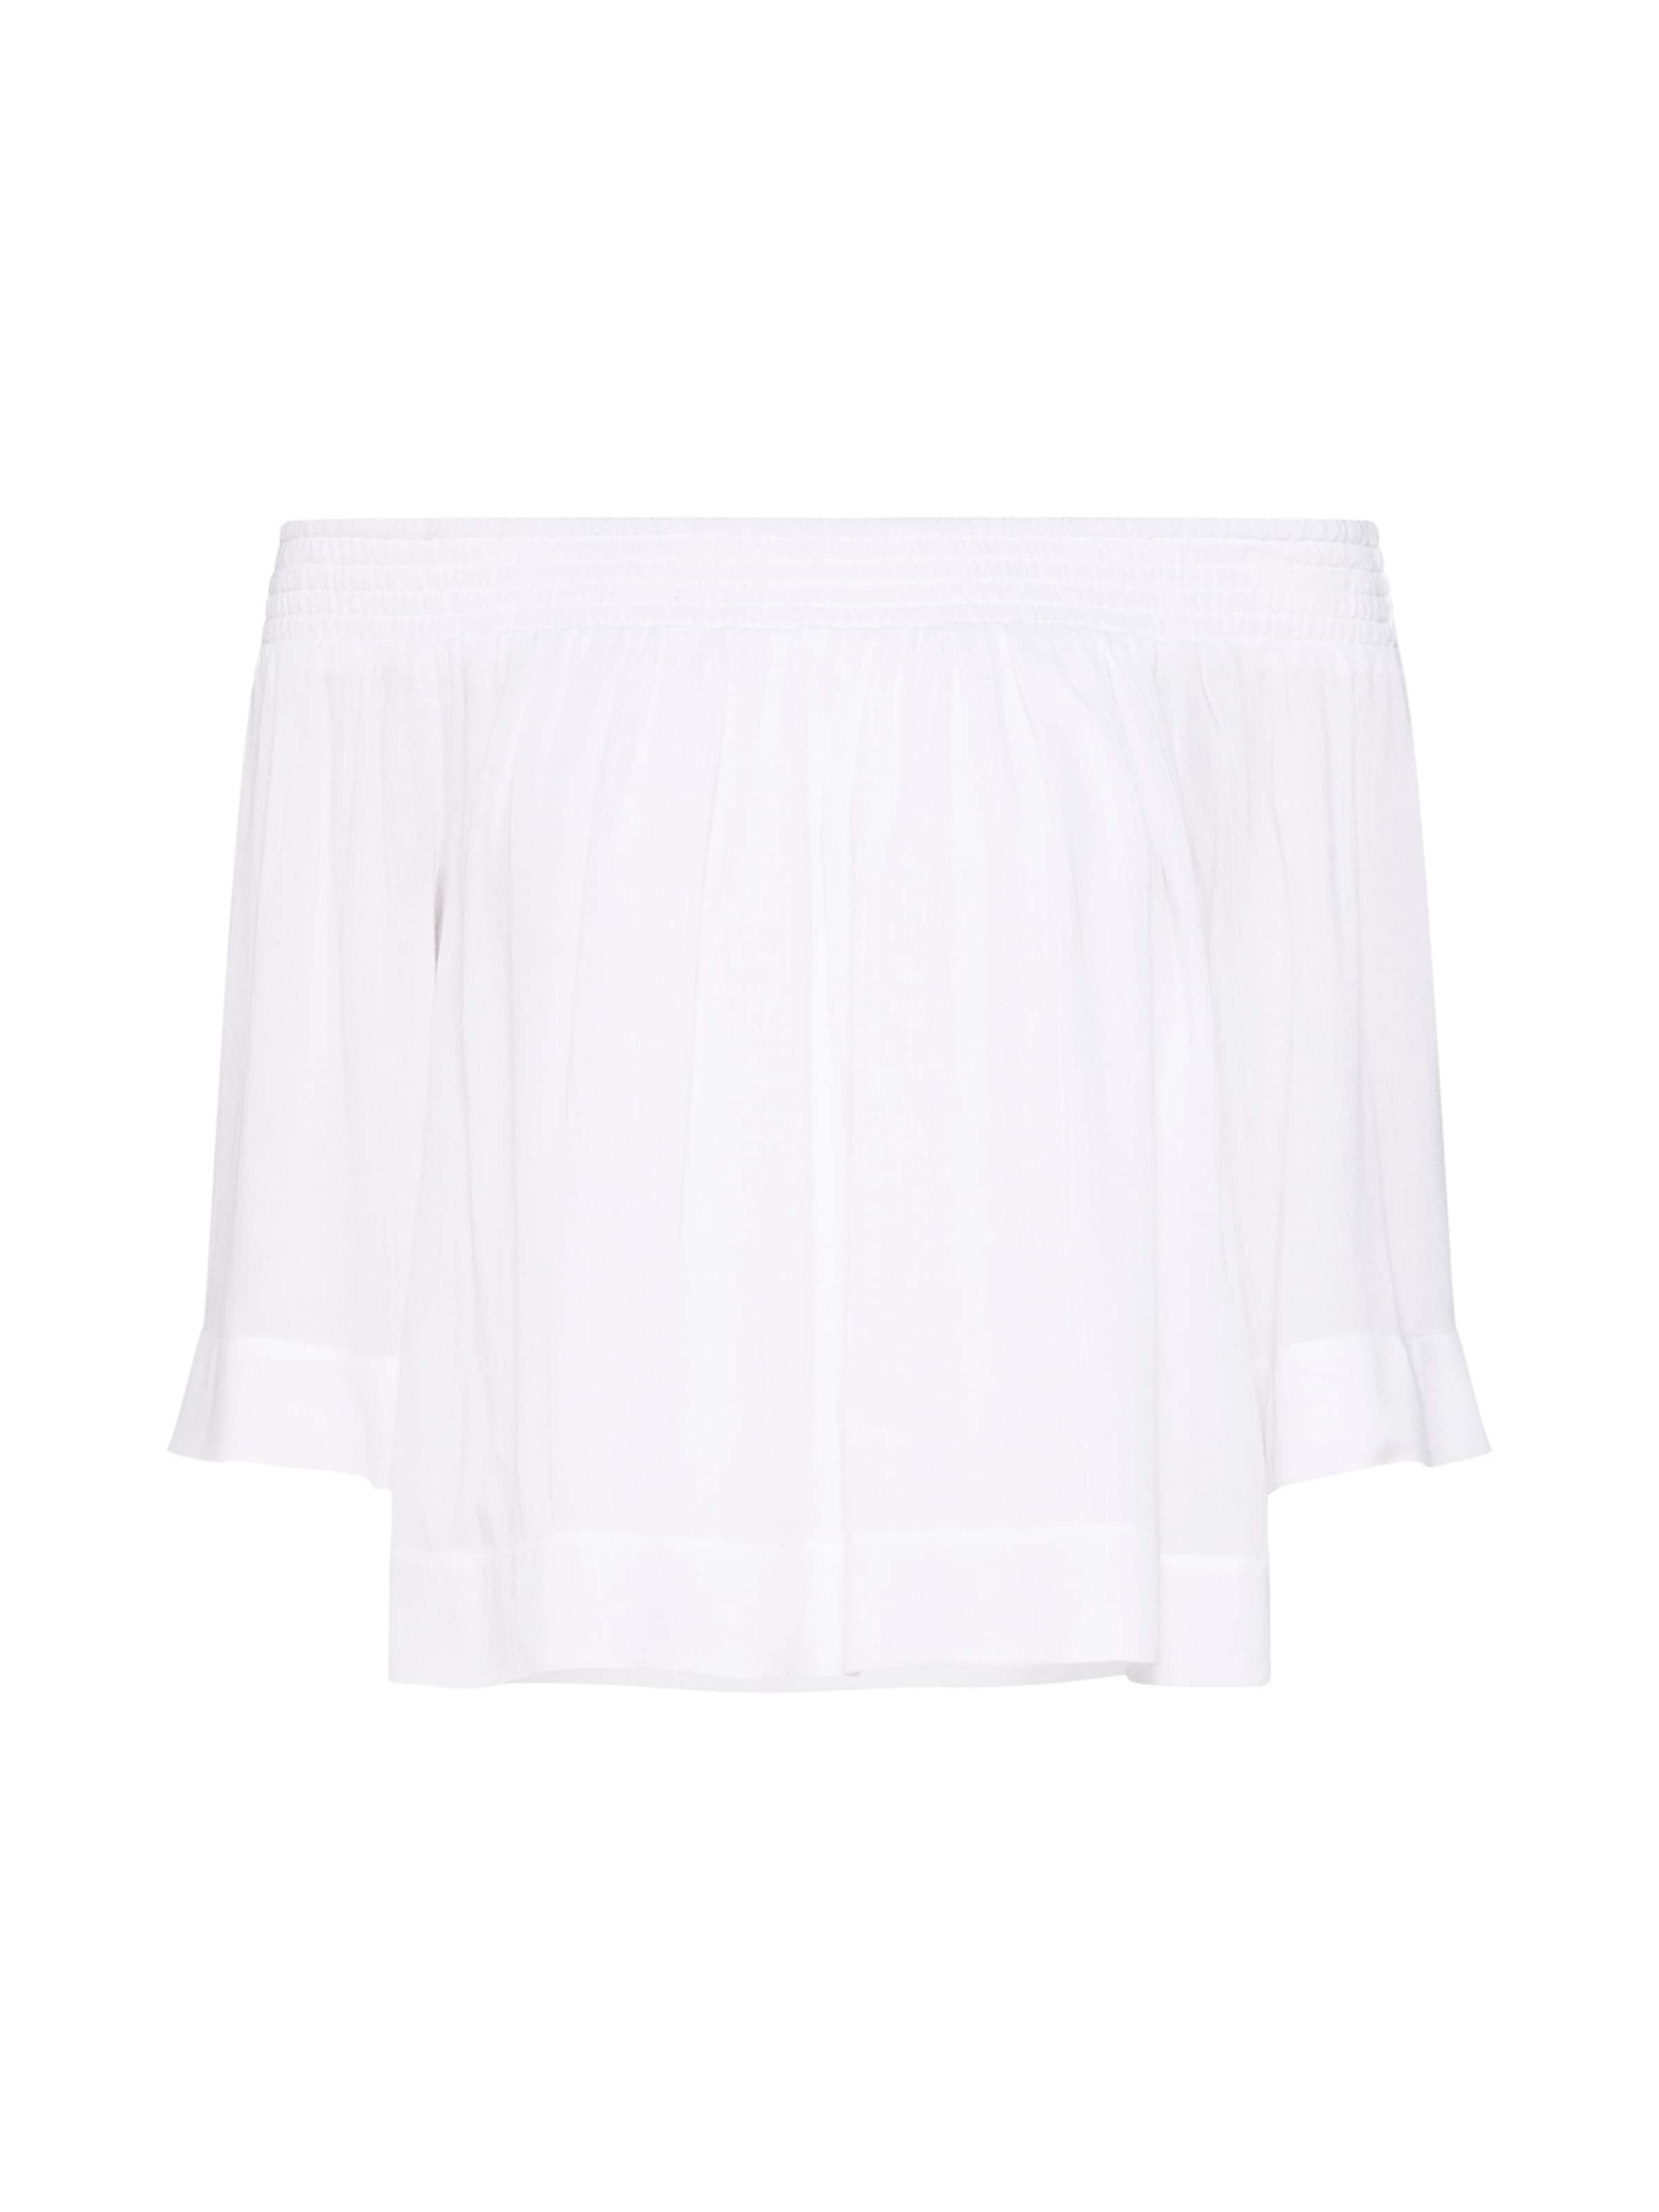 You 'camille' En shirt Noir T About WBdoCxer